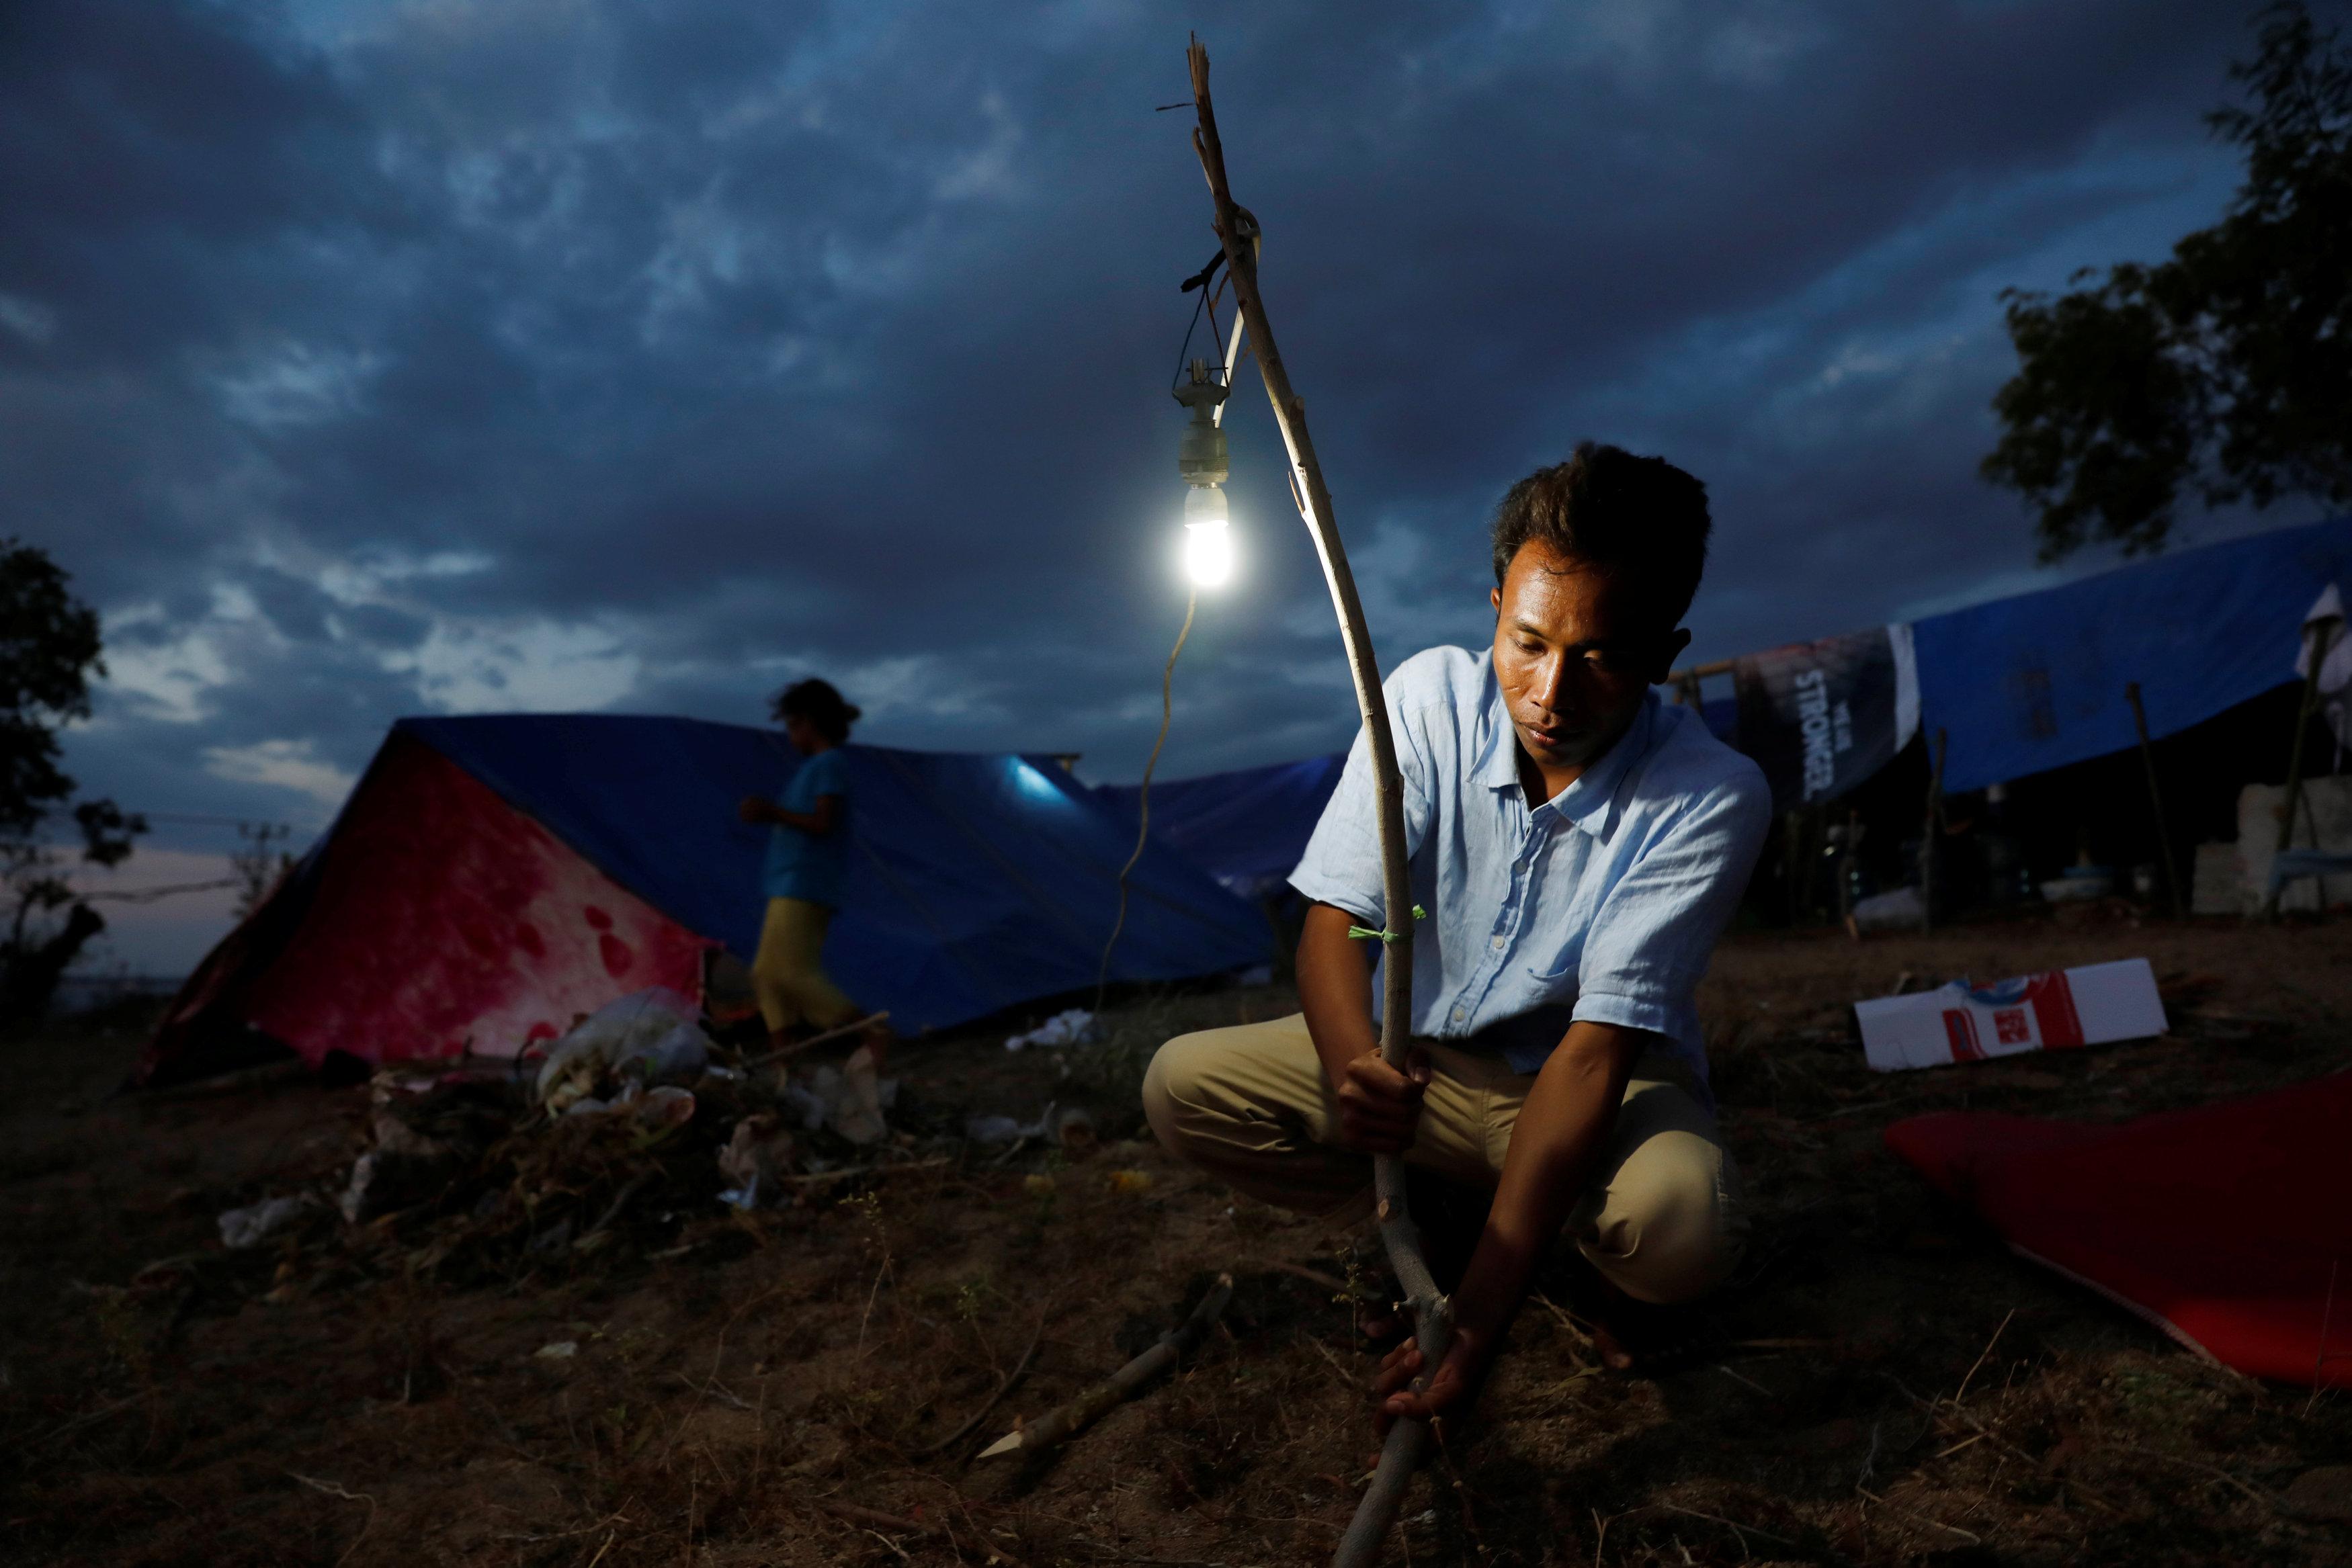 قلق القرويون من الزلزال المدمر والتسونامى